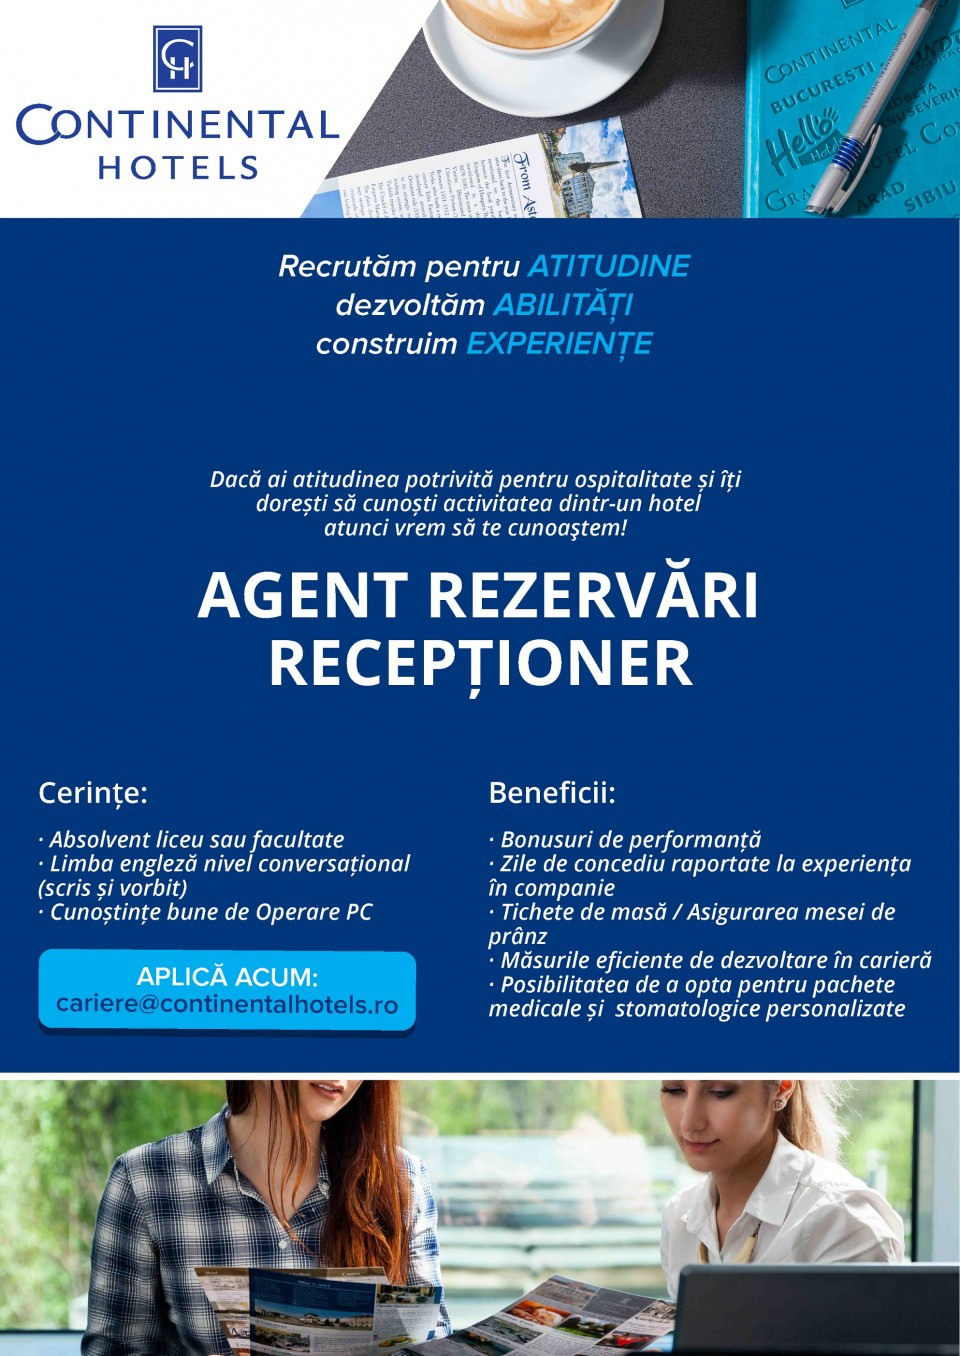 Dacă îți dorești să începi o carieră ca Agent Rezervari sau Recepționer, atunci este PERFECT! Echipa noastră este dornică să își împărtășească experiența cu tine! Mai mult, noi îți asigurăm participarea la traininguri și cursuri de specialitate. Dacă îți dorești să începi o carieră ca Agent Rezervari sau Recepționer, atunci este PERFECT! Echipa noastră este dornică să își împărtășească experiența cu tine! Mai mult, noi îți asigurăm participarea la traininguri și cursuri de specialitate. Dacă îți dorești să începi o carieră ca Agent Rezervari sau Recepționer, atunci este PERFECT! Echipa noastră este dornică să își împărtășească experiența cu tine! Mai mult, noi îți asigurăm participarea la traininguri și cursuri de specialitate oferite de furnizori interni acreditați.CU CE NE MÂNDRIM LA CONTINENTAL HOTELS:Suntem cel mai mare lanț hotelier românesc care acoperă piața de lux, business și economy; În cei peste 27 ani de activitate am instruit peste 2500 de angajați care astăzi sunt adevărați profesioniști în industria hotelieră; Suntem prezenți în București, Arad, Oradea, Sibiu, Drobeta Turnu Severin, Tîrgu Mureș și Suceava; Suntem o familie mare cu peste 800 membri.Evenimentele Continental Hotels pentru angajați ne ajută să menținem viu spiritul de echipă:Campionatul de fotbal și Concursul de majorete este de departe cel mai îndrăgit eveniment organizat pentru angajații Continental și Ibis, aflat la ediția cu numarul XIII. Concursurile Profesionale sunt o serie de evenimente desfasurate pe zona de Food & Beverage, Front Office și Housekeeping realizate în fiecare an, aflate anul acesta la ediția cu numărul XVII.Teambuilding-urile sunt evenimente organizate pentru a îmbunătății colaborarea atât la nivelul Sucursalelor cât și la nivelul întregii organizații. Iar Școala Continental, un proiect inițiat în 2012, care își propune să ofere traininguri interne pentru angajați, an de an. Trainerii Școlii Continental sunt angajați cu experiență și autorizați ca formatori.